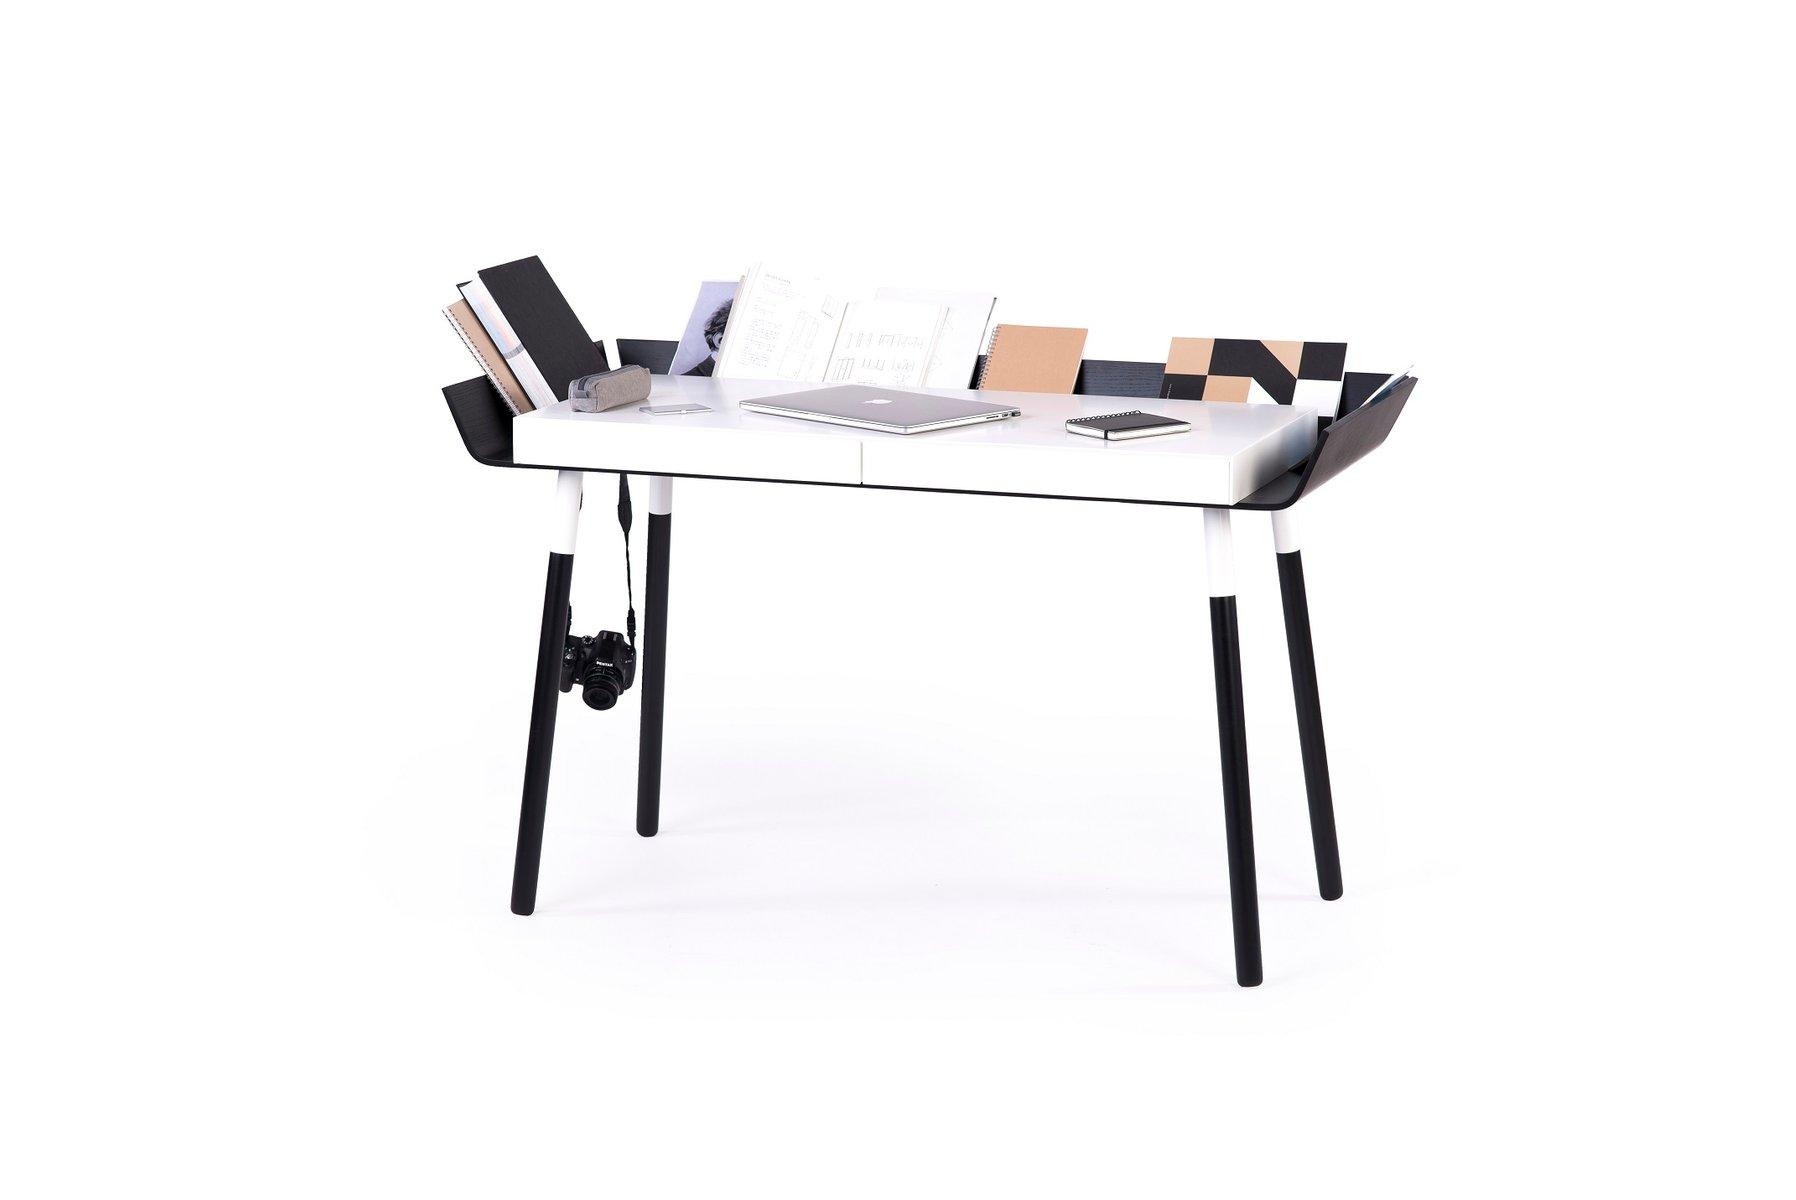 gro er my writing schreibtisch in schwarz wei von f r emko bei pamono kaufen. Black Bedroom Furniture Sets. Home Design Ideas